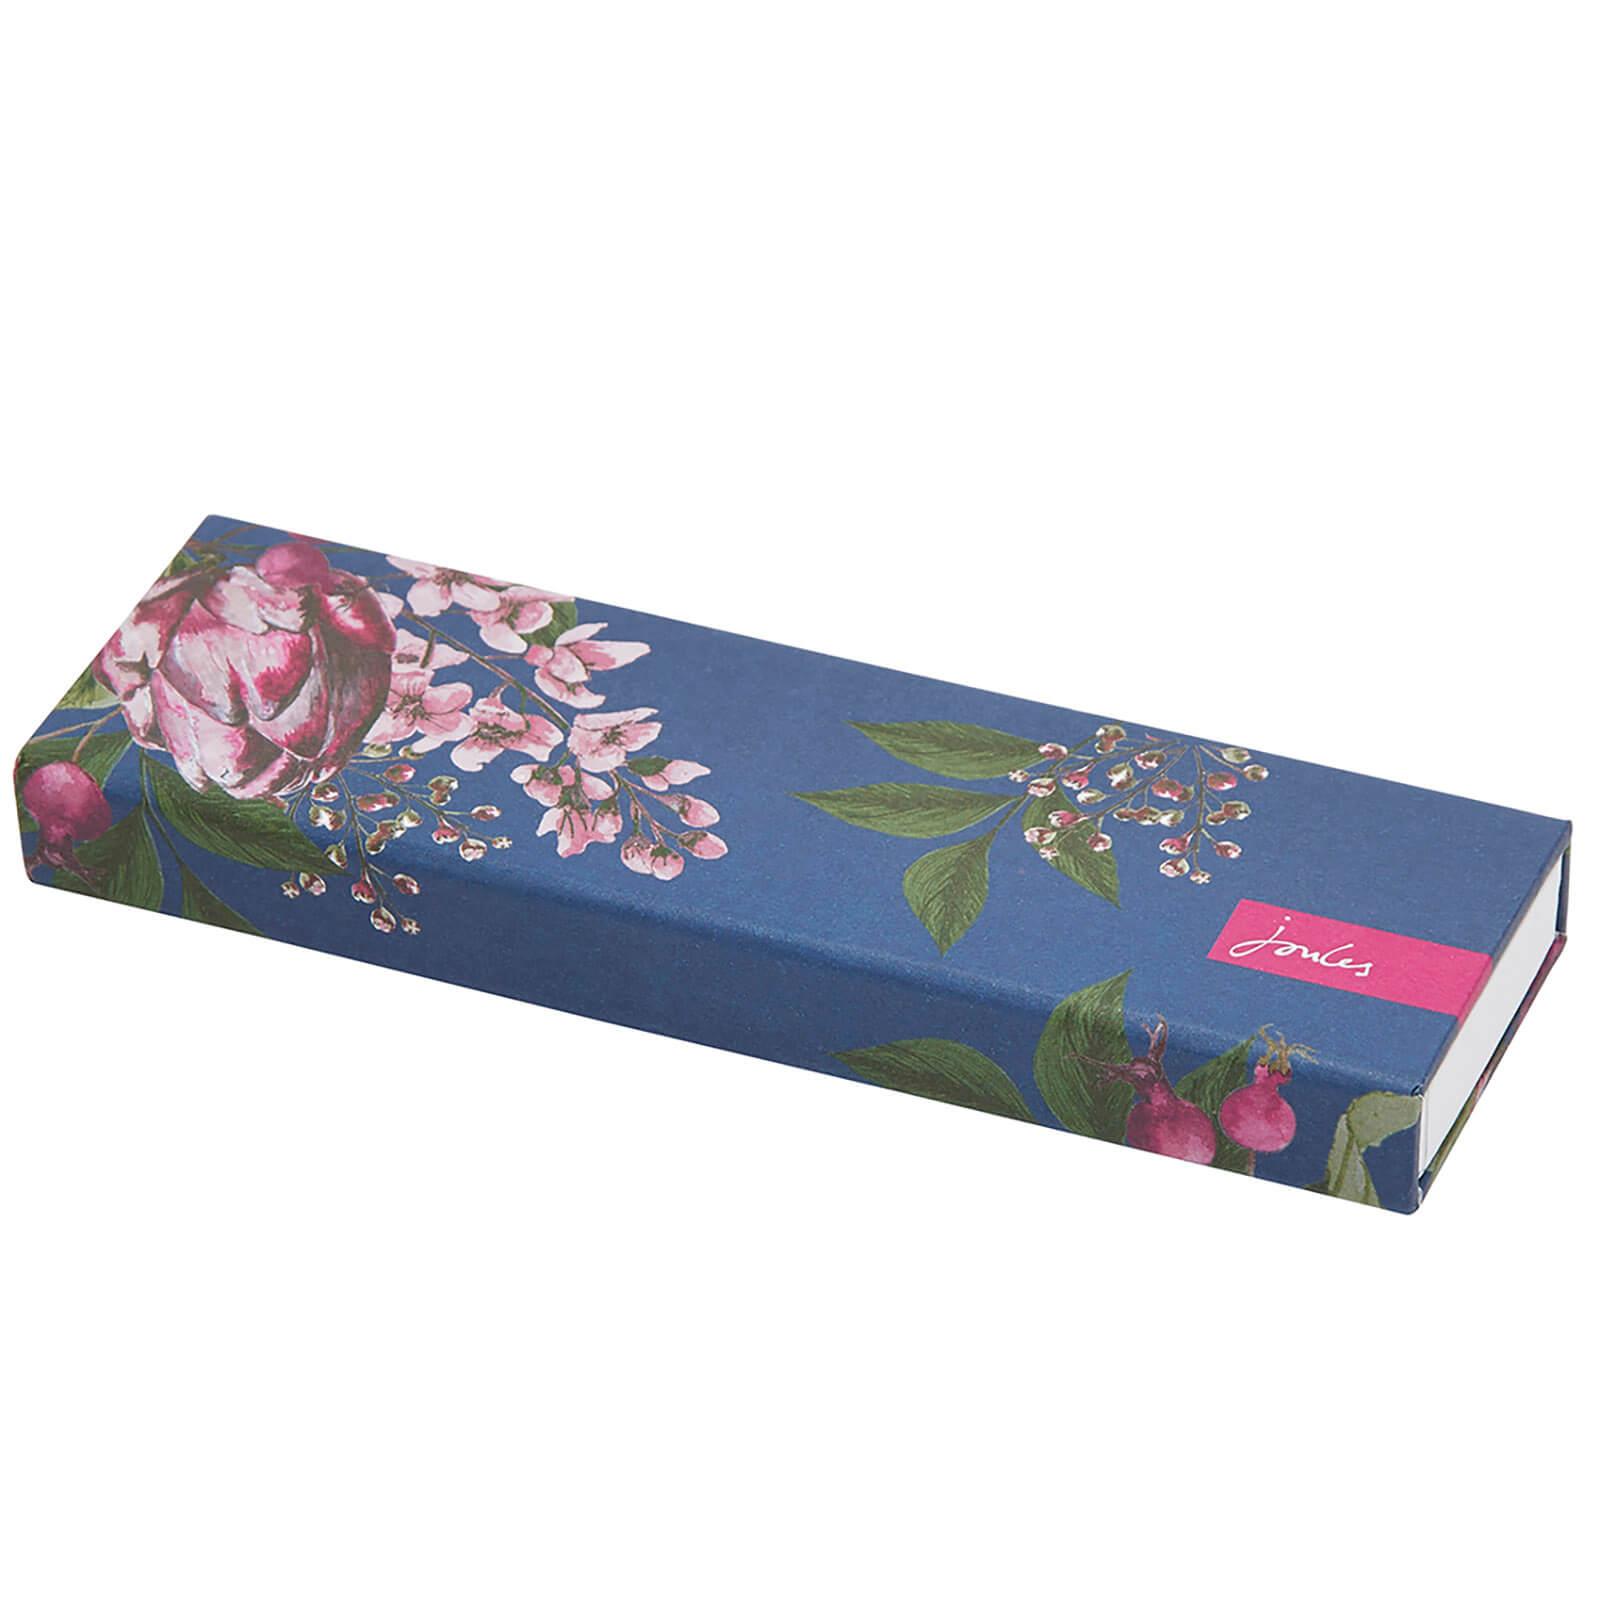 Joules Box of Pencils - Artichoke Floral